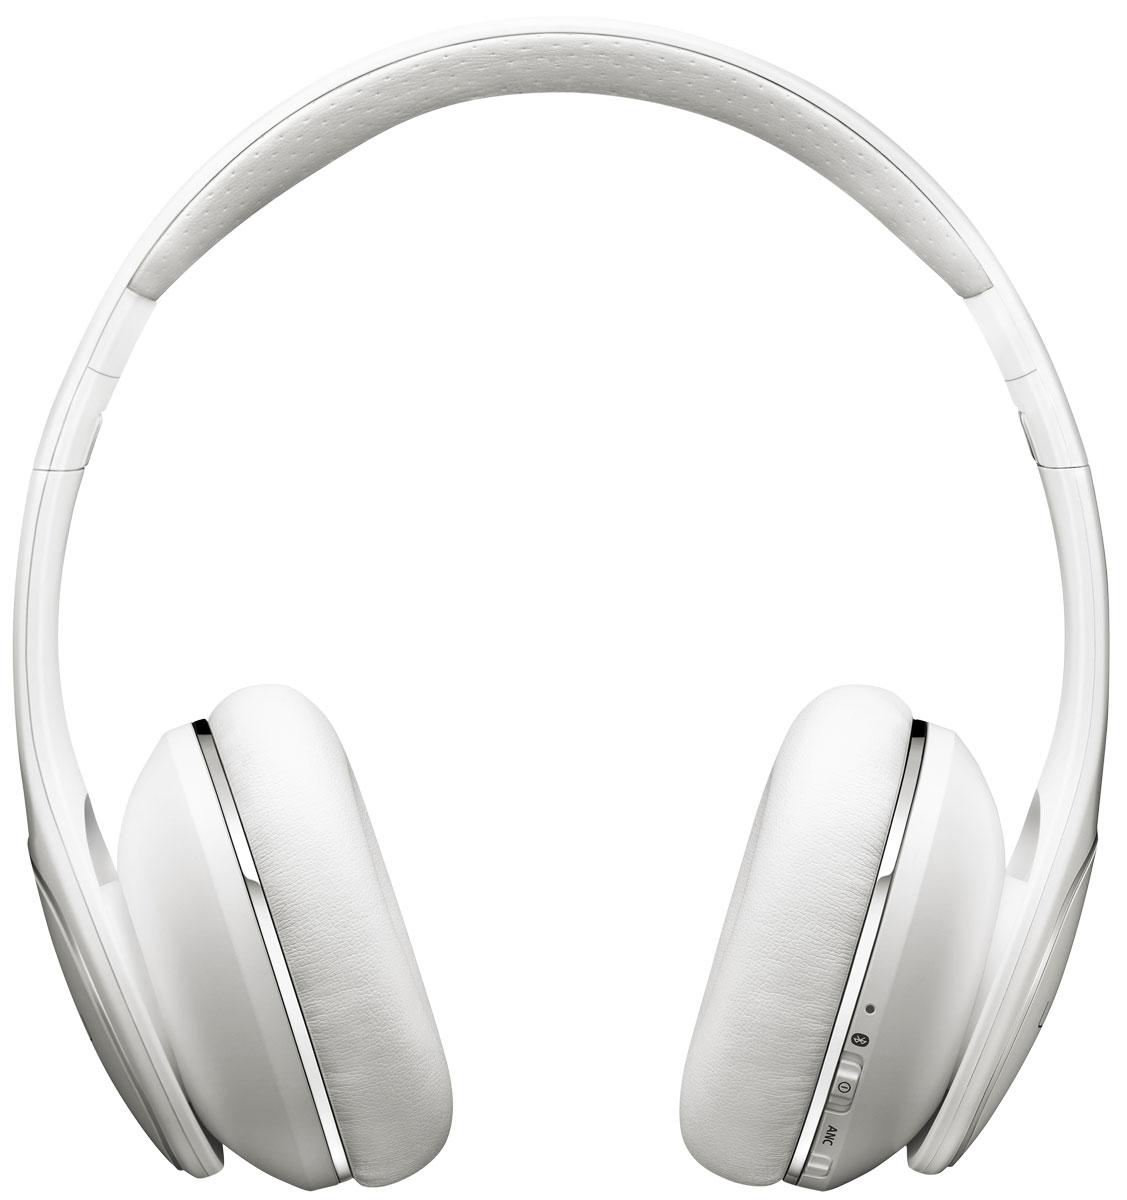 Samsung EO-PN900B Level On, White беспроводные наушникиEO-PN900BWEGRUЖизнь в современном мегаполисе течет быстро и не дает времени остановиться и отдохнуть. Поэтому, всегда приятно насладиться в дороге любимой музыкой в хорошем качестве или новинками мира кино. Именно в этом Вам поможет беспроводная Bluetooth-гарнитура Samsung EO-PN900 Гарнитура снабжена высококачественными 40 мм динамиками, которые прекрасно справляются с воспроизведением музыки даже в самом высоком качестве, а встроенные кнопки управления и микрофон позволят Вам даже не вынимать телефон из сумки или кармана для переключения песен, управления громкостью или принятия звонков. Bluetooth версии 3.0 обеспечивает прекрасное качество соединения и скорость передачи данных, что позволяет добиться великолепного качества звука Великолепный стильный дизайн Samsung EO-PN900 не только прекрасно выглядит, но и, благодаря использованию самых качественных материалов, очень надежен и прочен. Приятные мягкие амбушюры и оголовье не сильно давят на уши и...